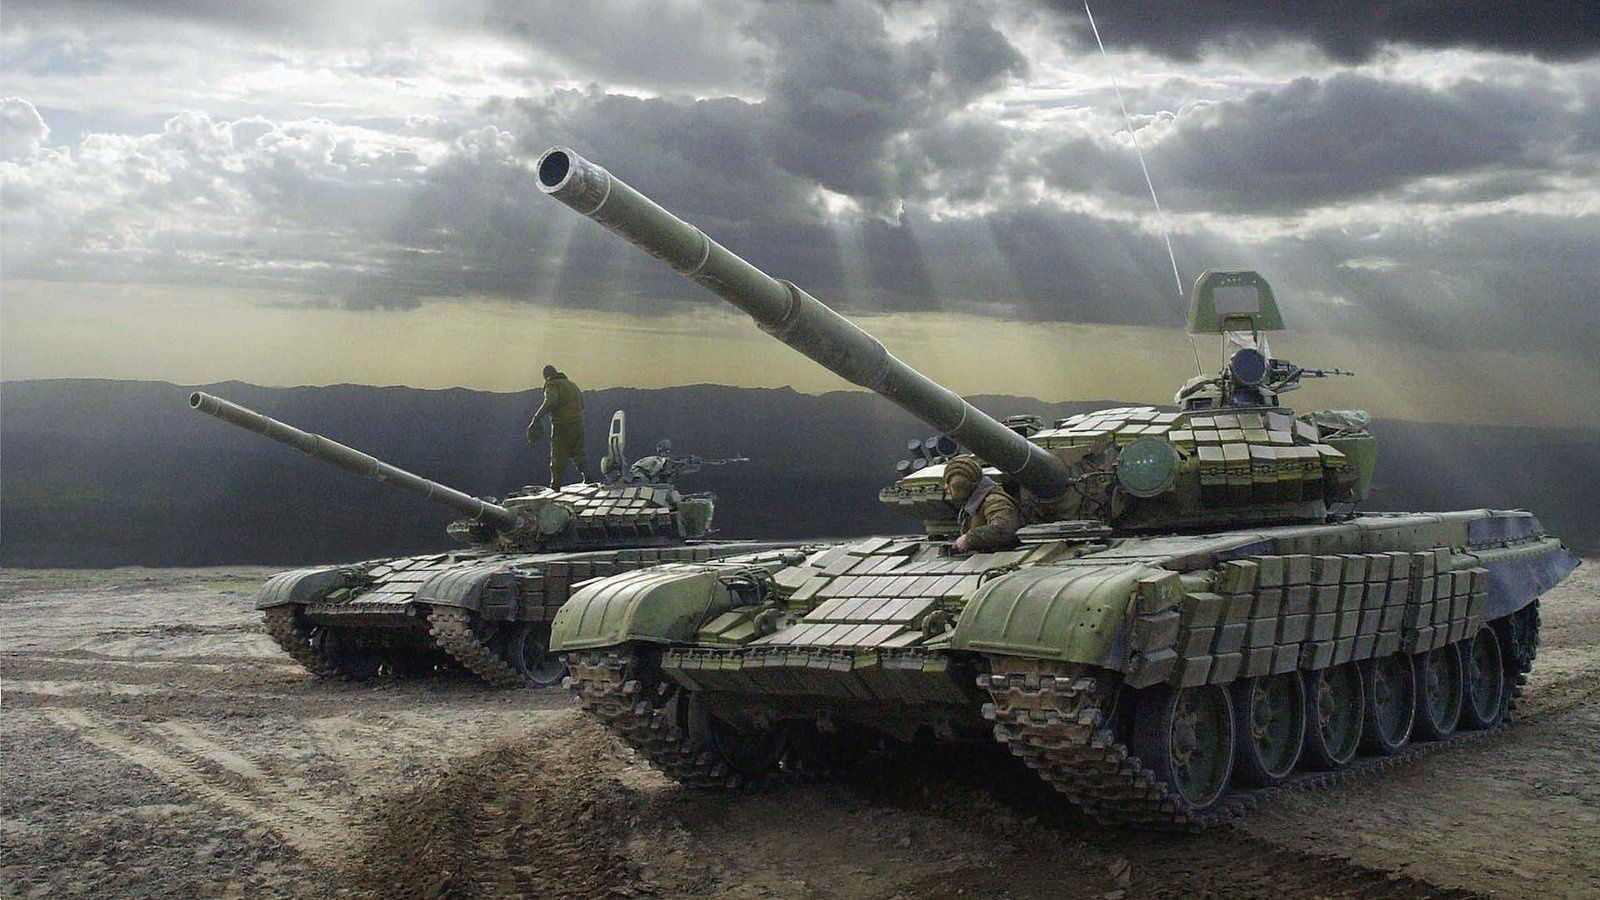 Guerres et rumeurs de guerres : Alerte mondiale sur les voyages due à une hausse de «menaces terroristes»